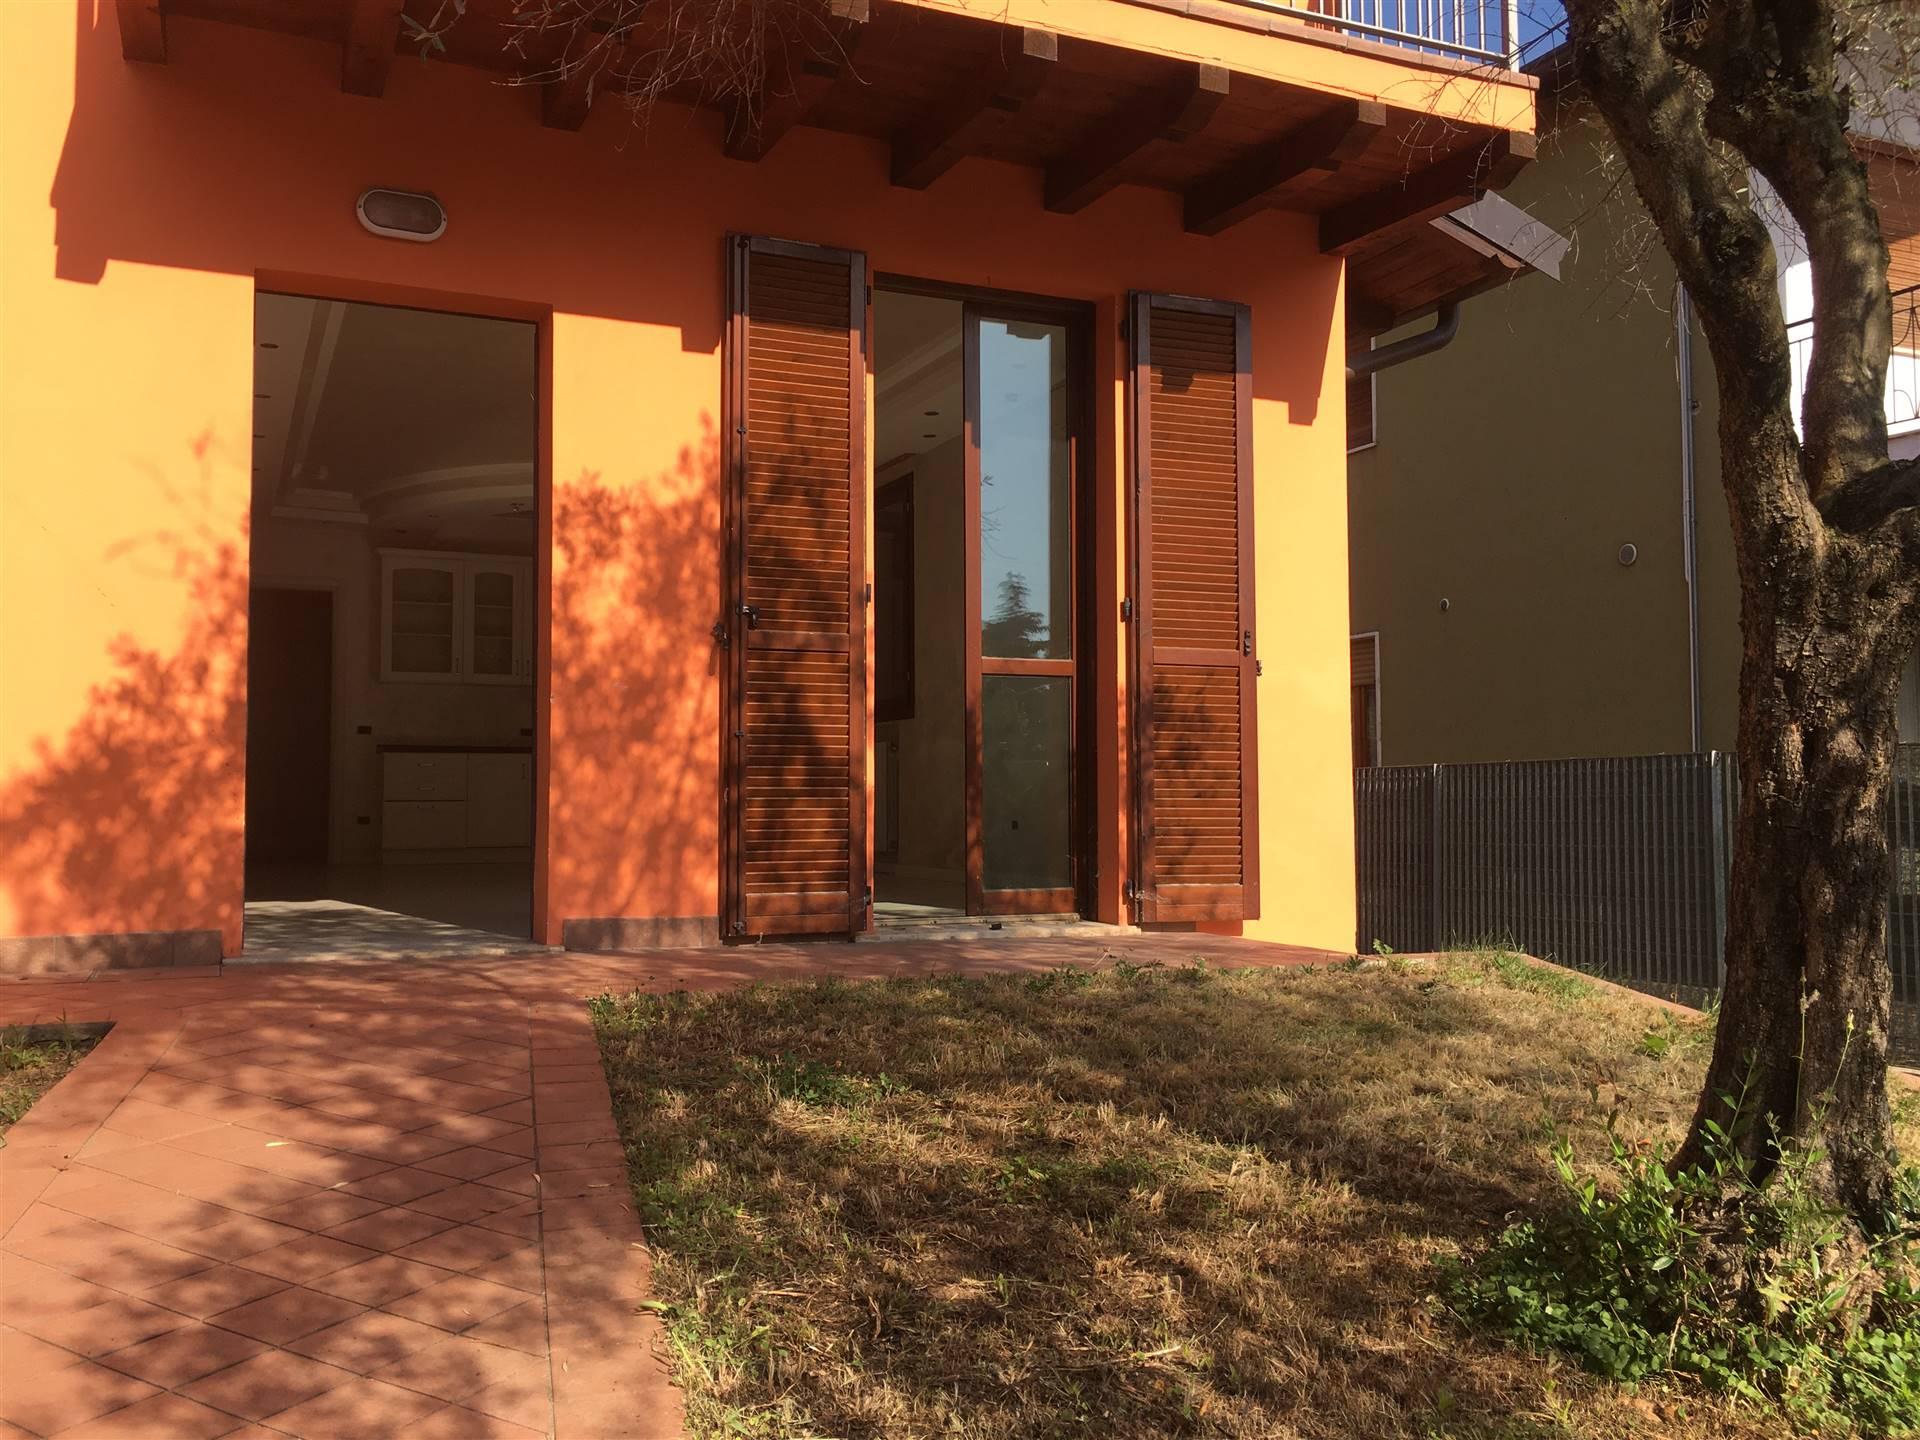 MONTELLO, Appartamento in vendita di 110 Mq, Ristrutturato, Riscaldamento Autonomo, Classe energetica: B, posto al piano Terra su 1, composto da: 4